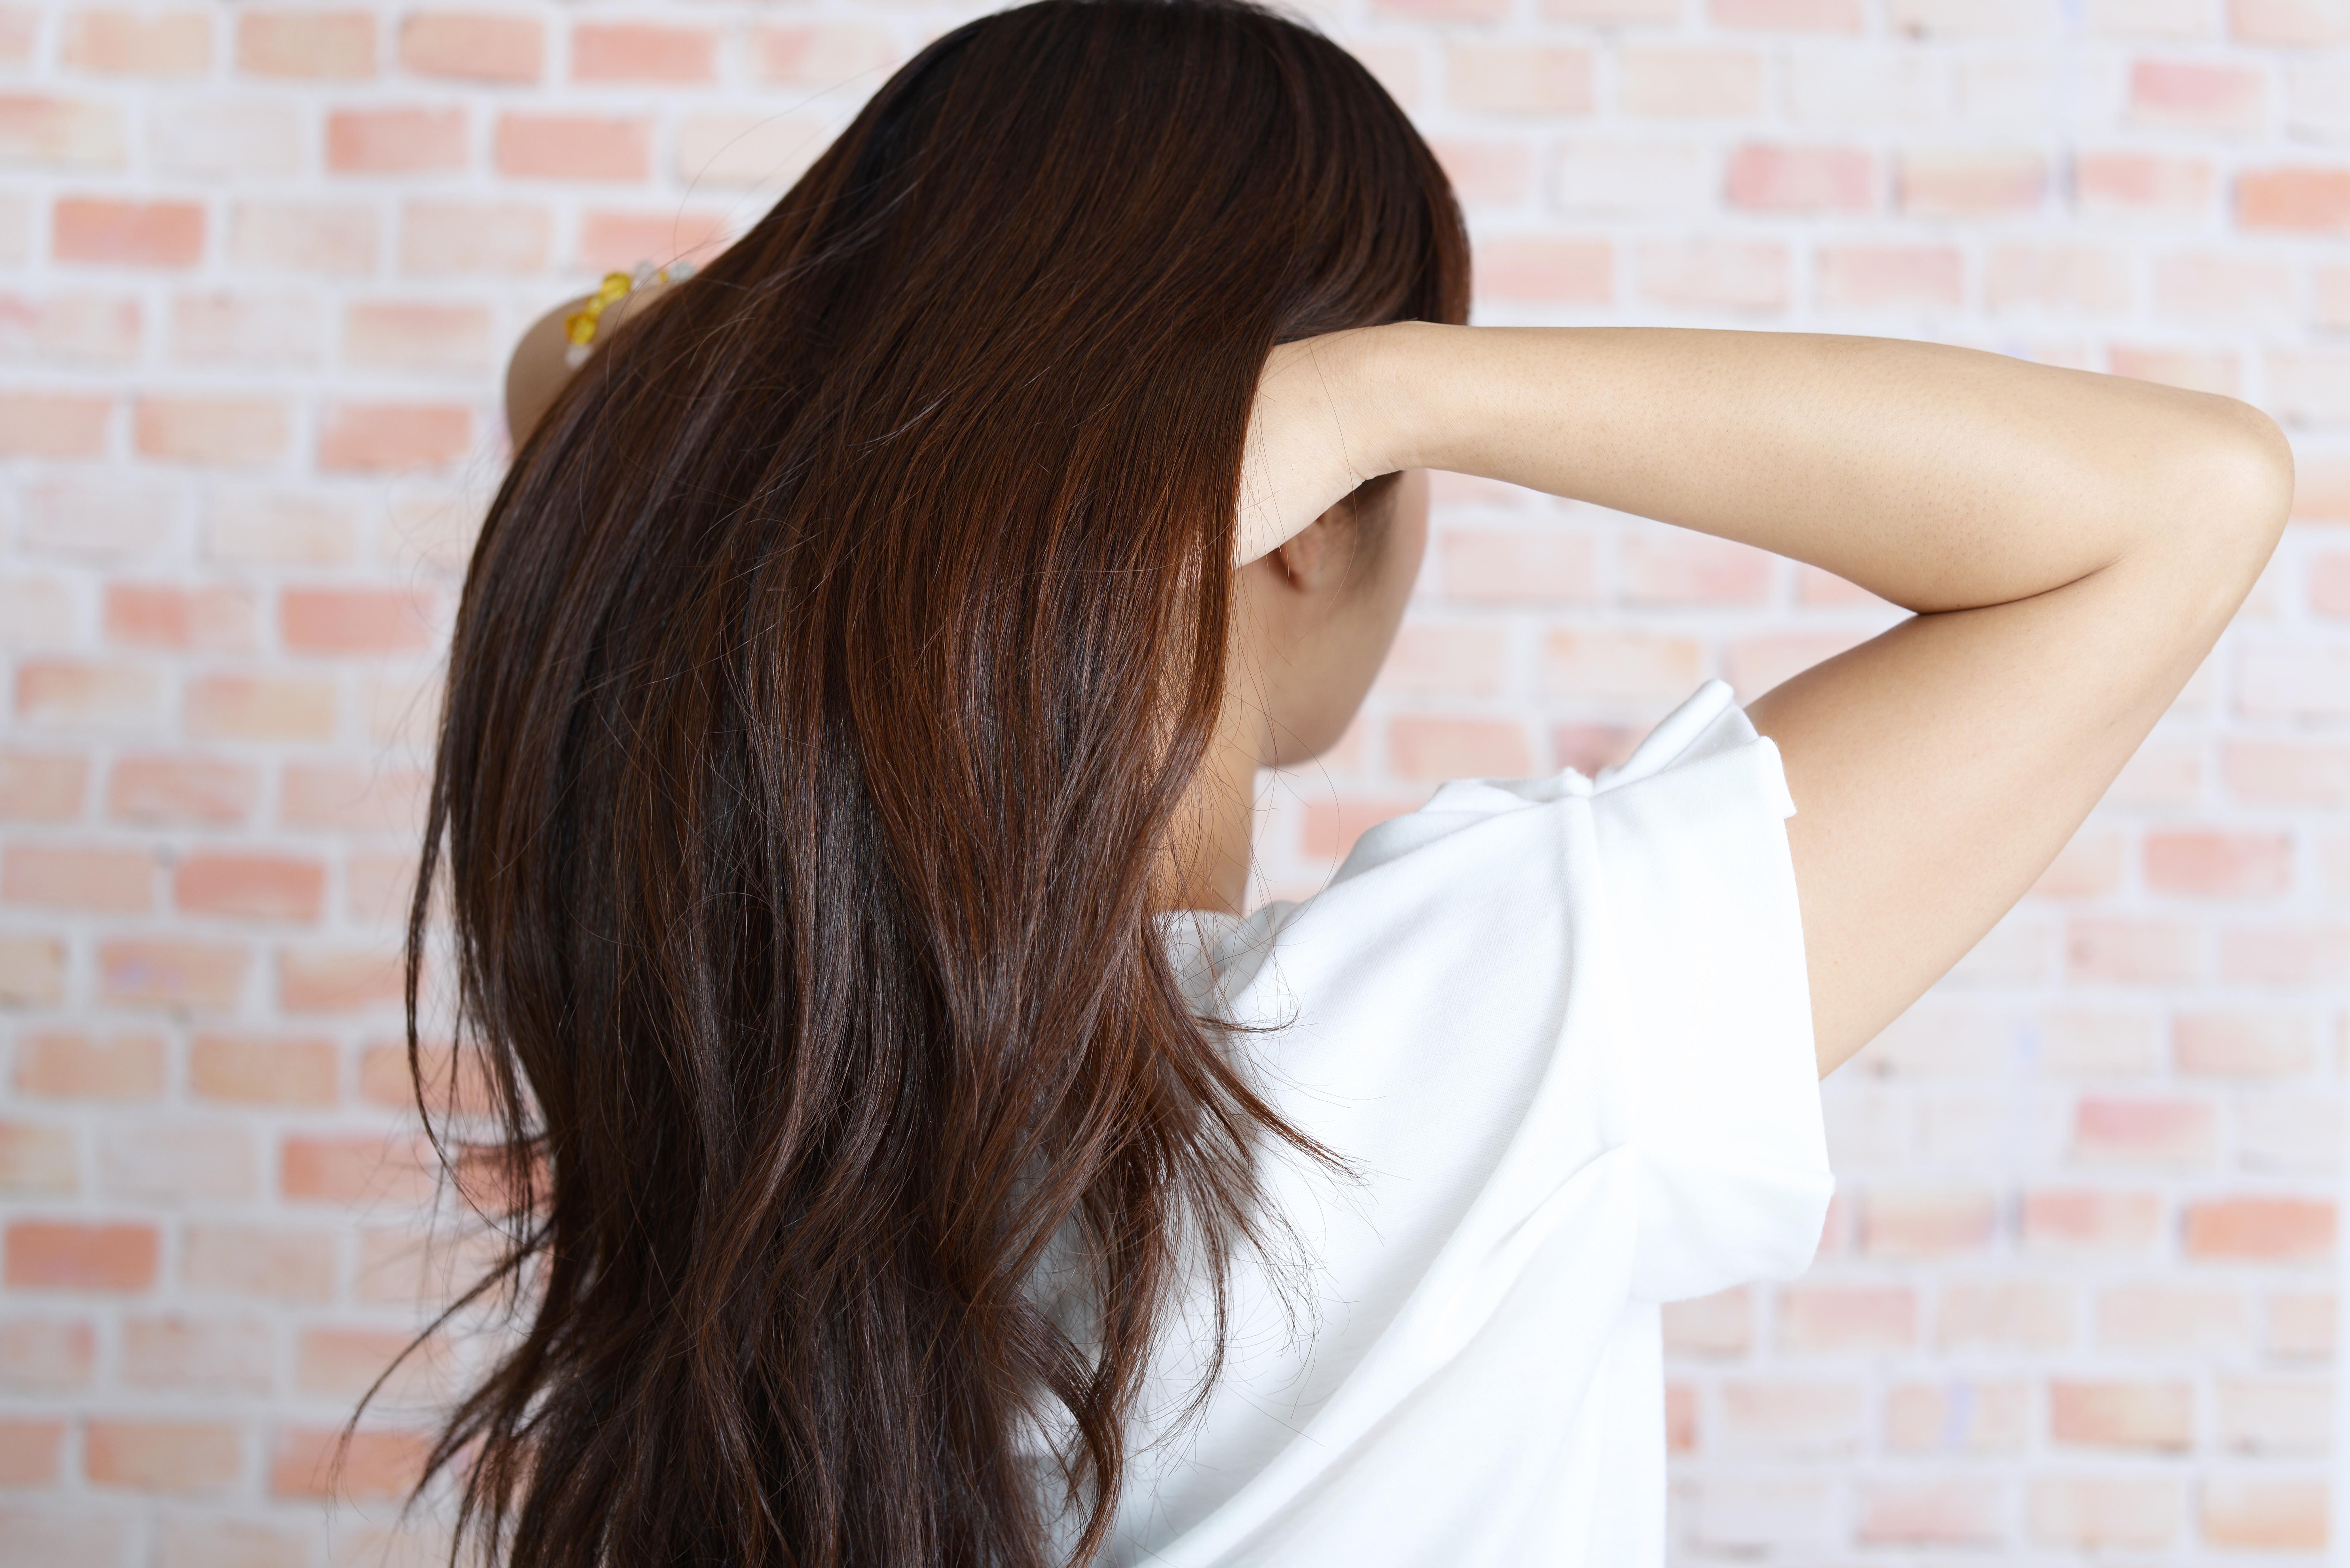 『女性ホルモン』と『髪のダメージ』